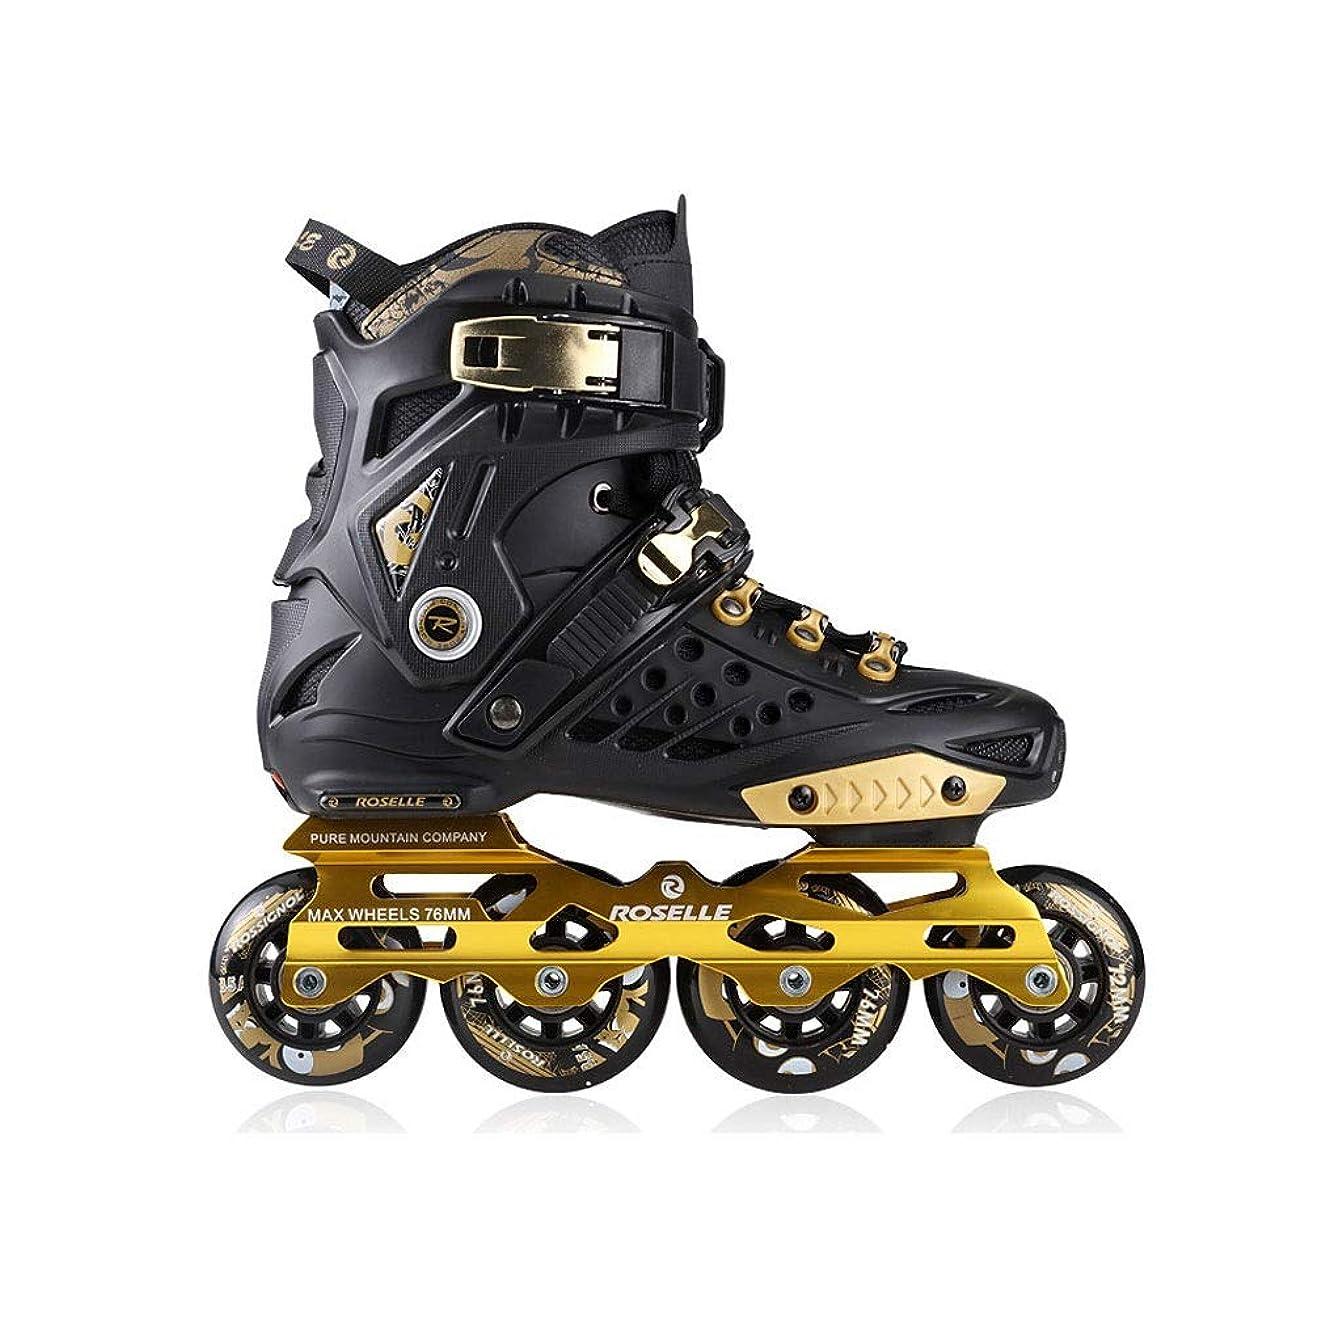 わざわざ延期する尋ねるインラインスケート インラインスケート、 プロの単列スケート靴 大人の男性と女性のローラースケート 2色 キッズ ローラースケート (Color : Black, Size : EU 42/US 9/UK 8/JP 26cm)